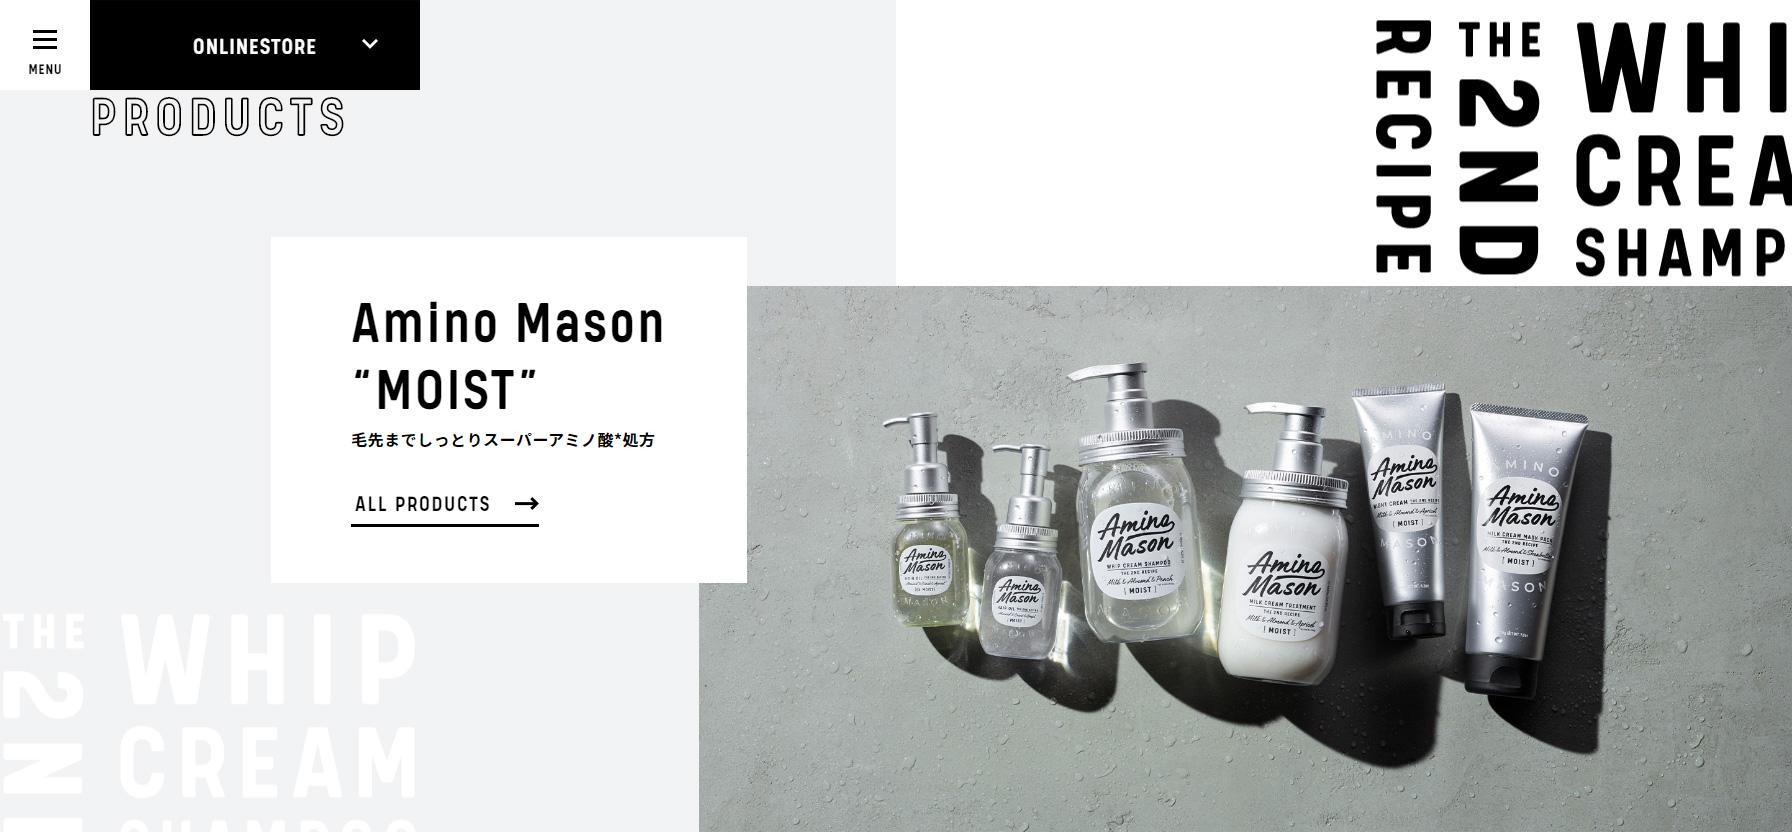 AMINO MASON - Website of the Day